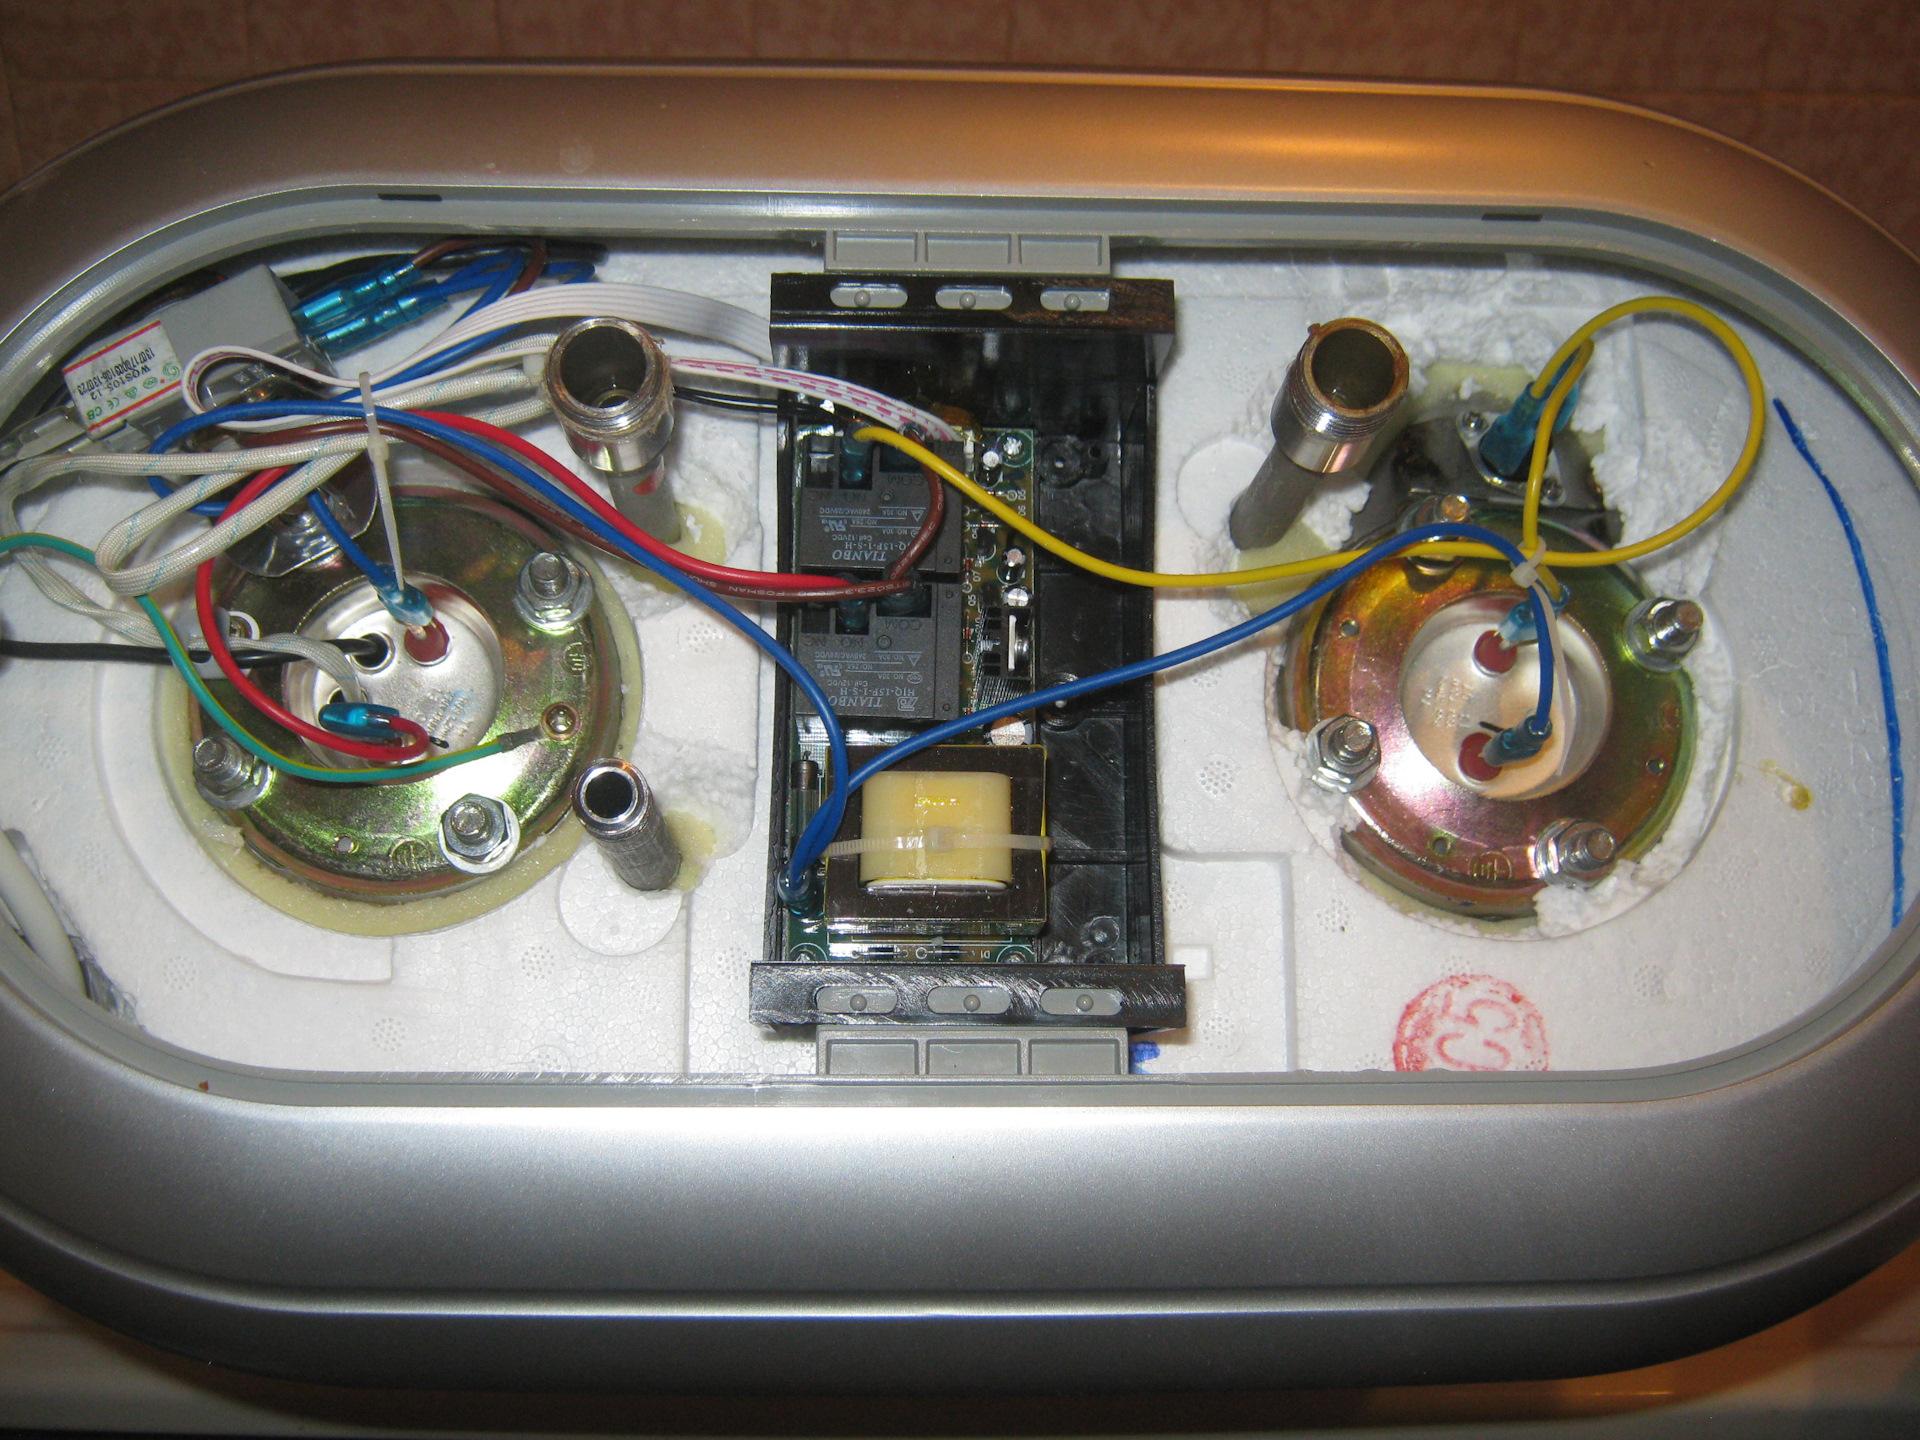 Ремонт водонагревателей термекс своими руками: пошаговое руководство, когда вызывать мастера